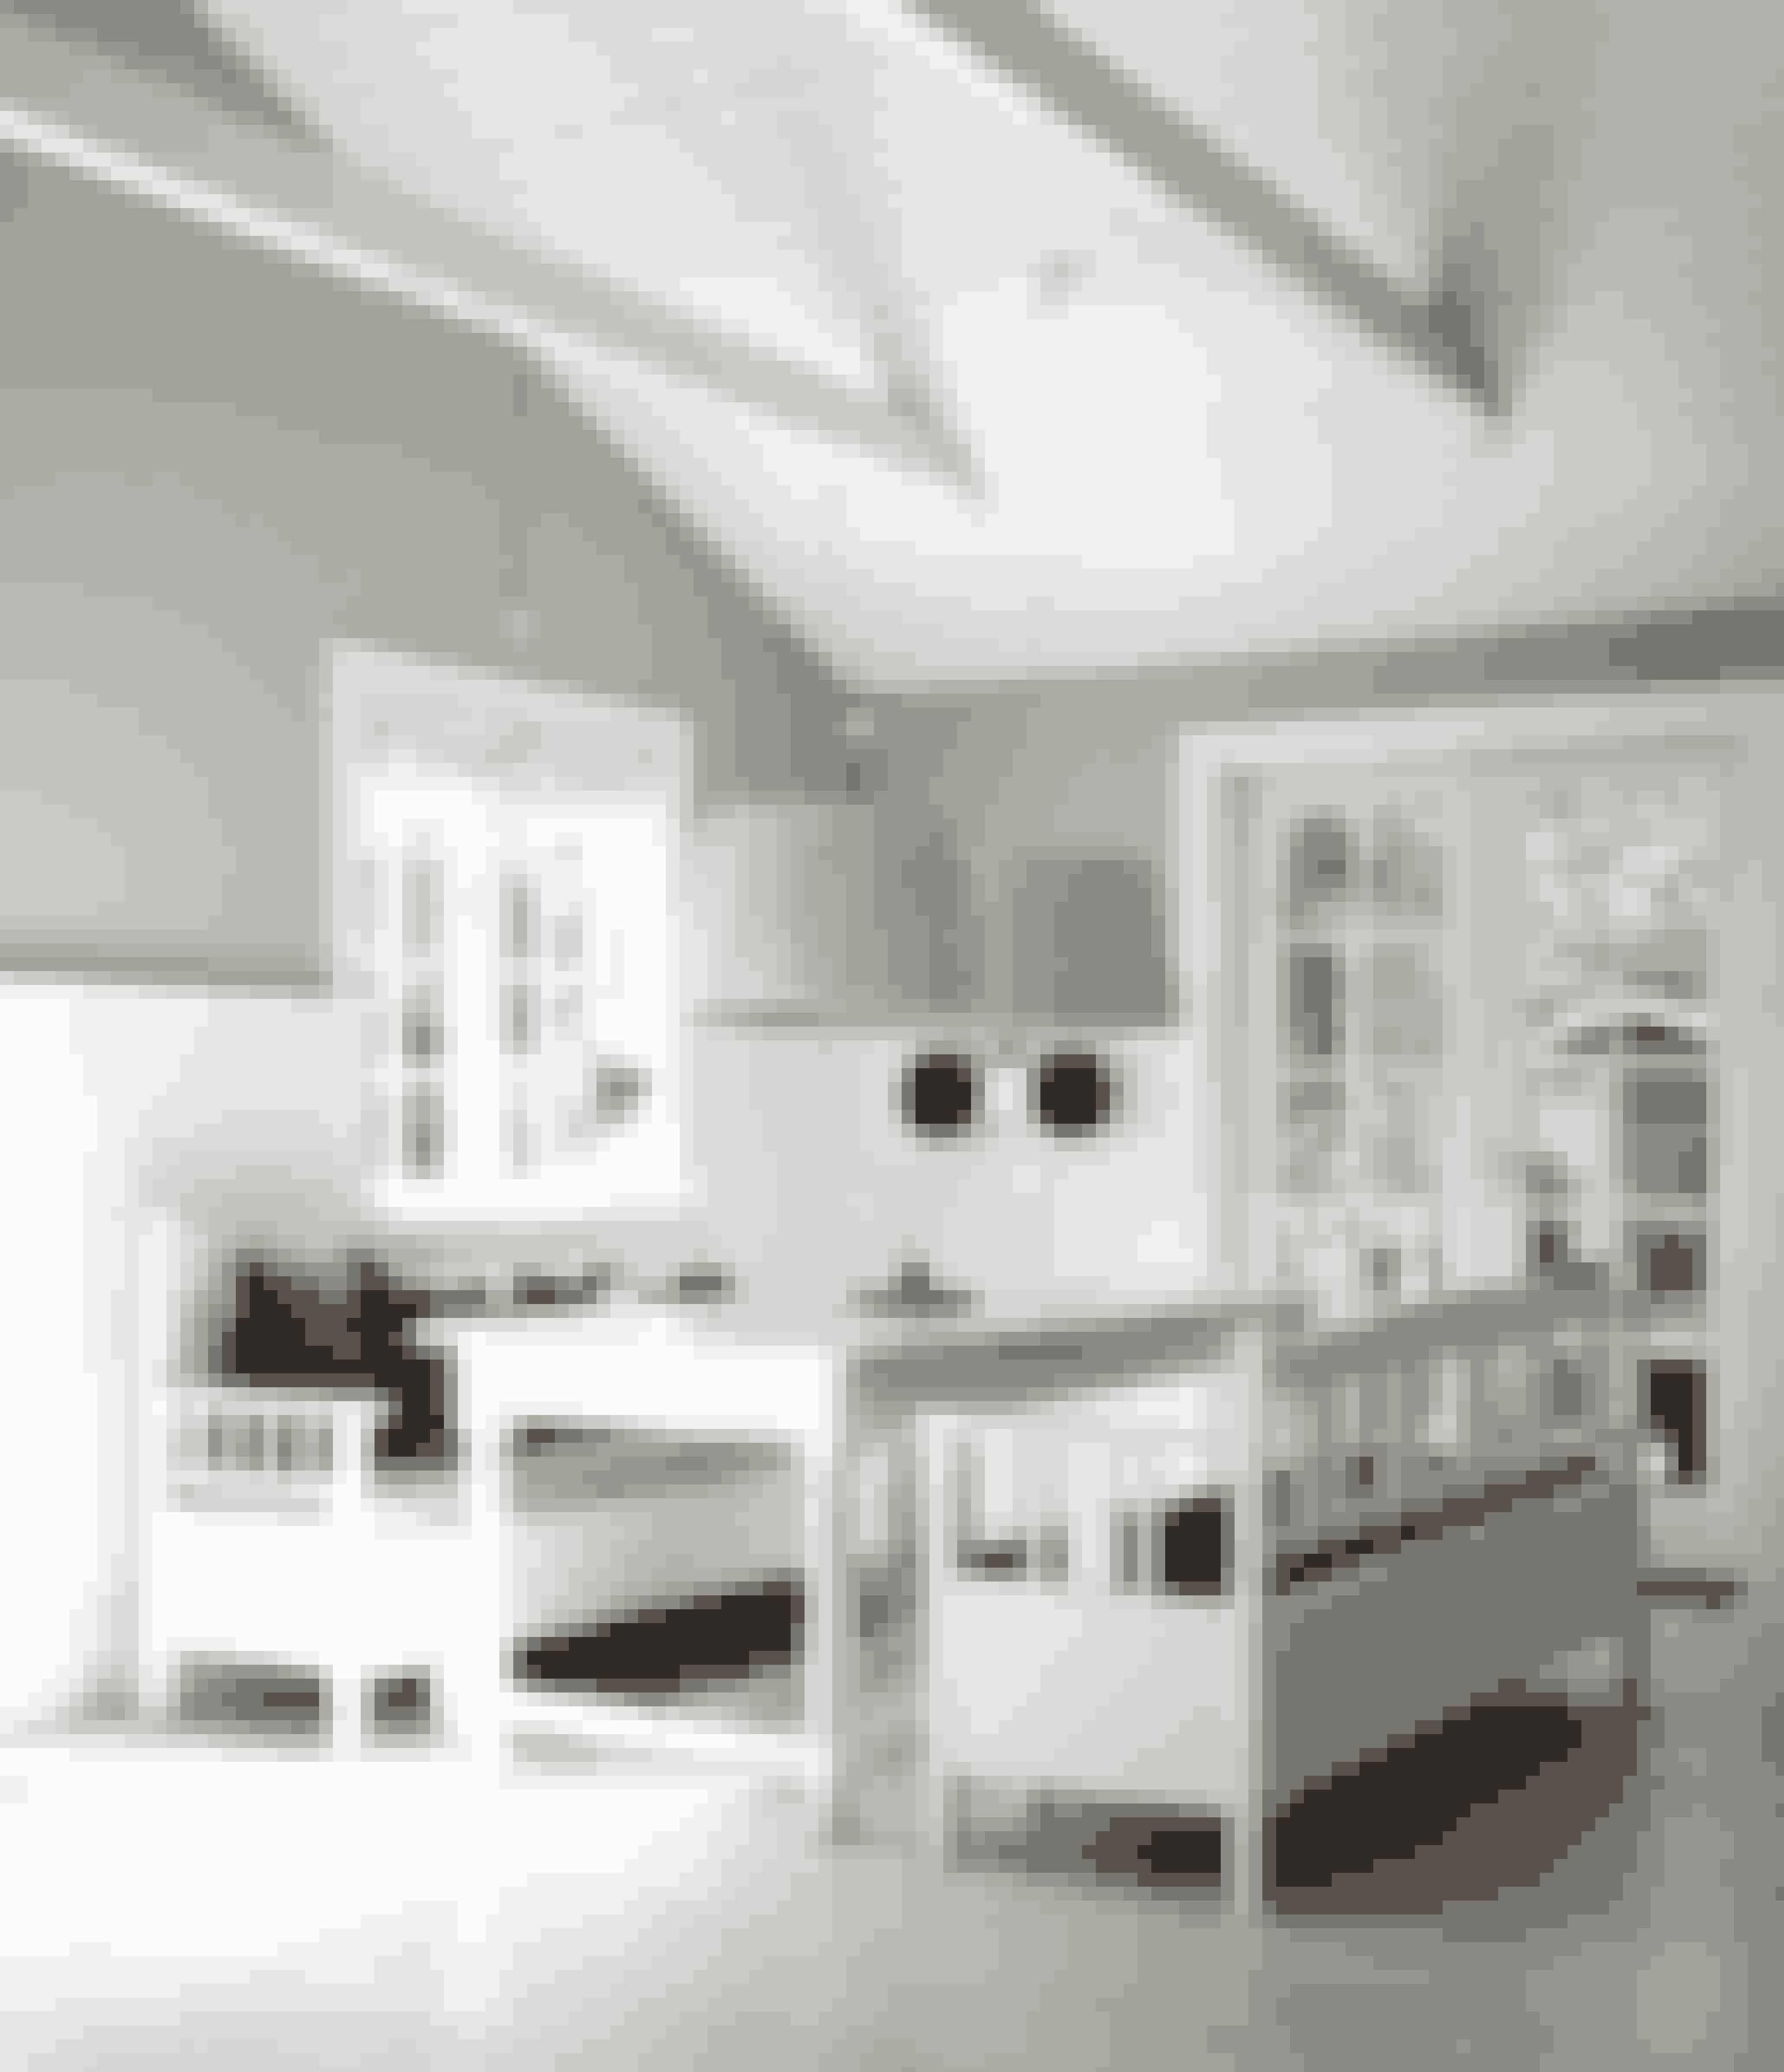 Du kan nemt skabe en stemning af 'svensk ødegård møder amerikansk strandvilla' ved at møblere med bænke frem for stole. De to store lamper fra Tine K Home samler hyggen om spisebordet, der er fra butikken Kronen i Jyllinge.